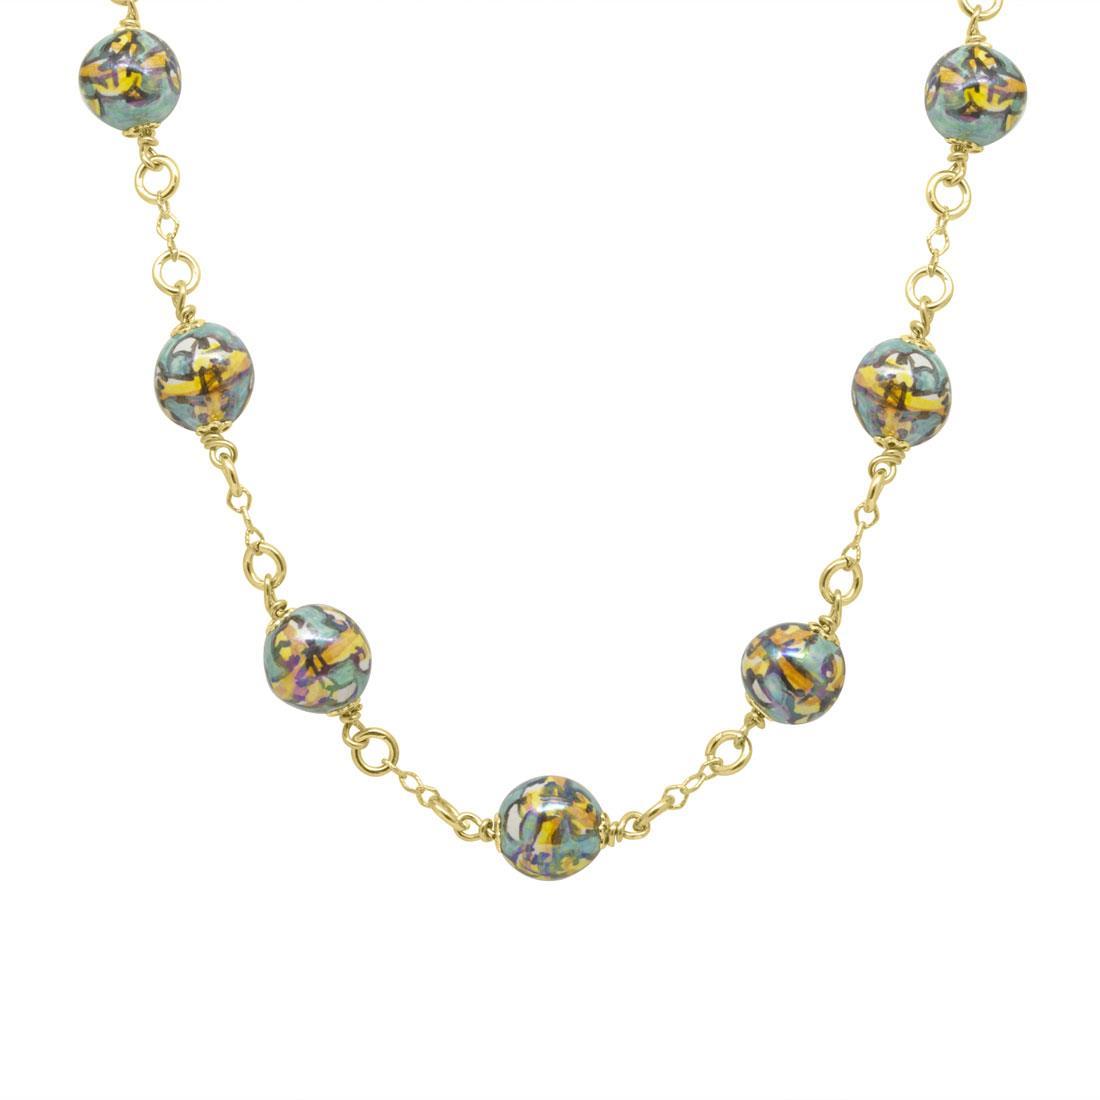 Collana in argento con 11 perle in ceramica - LE PERLE DI CALTAGIRONE